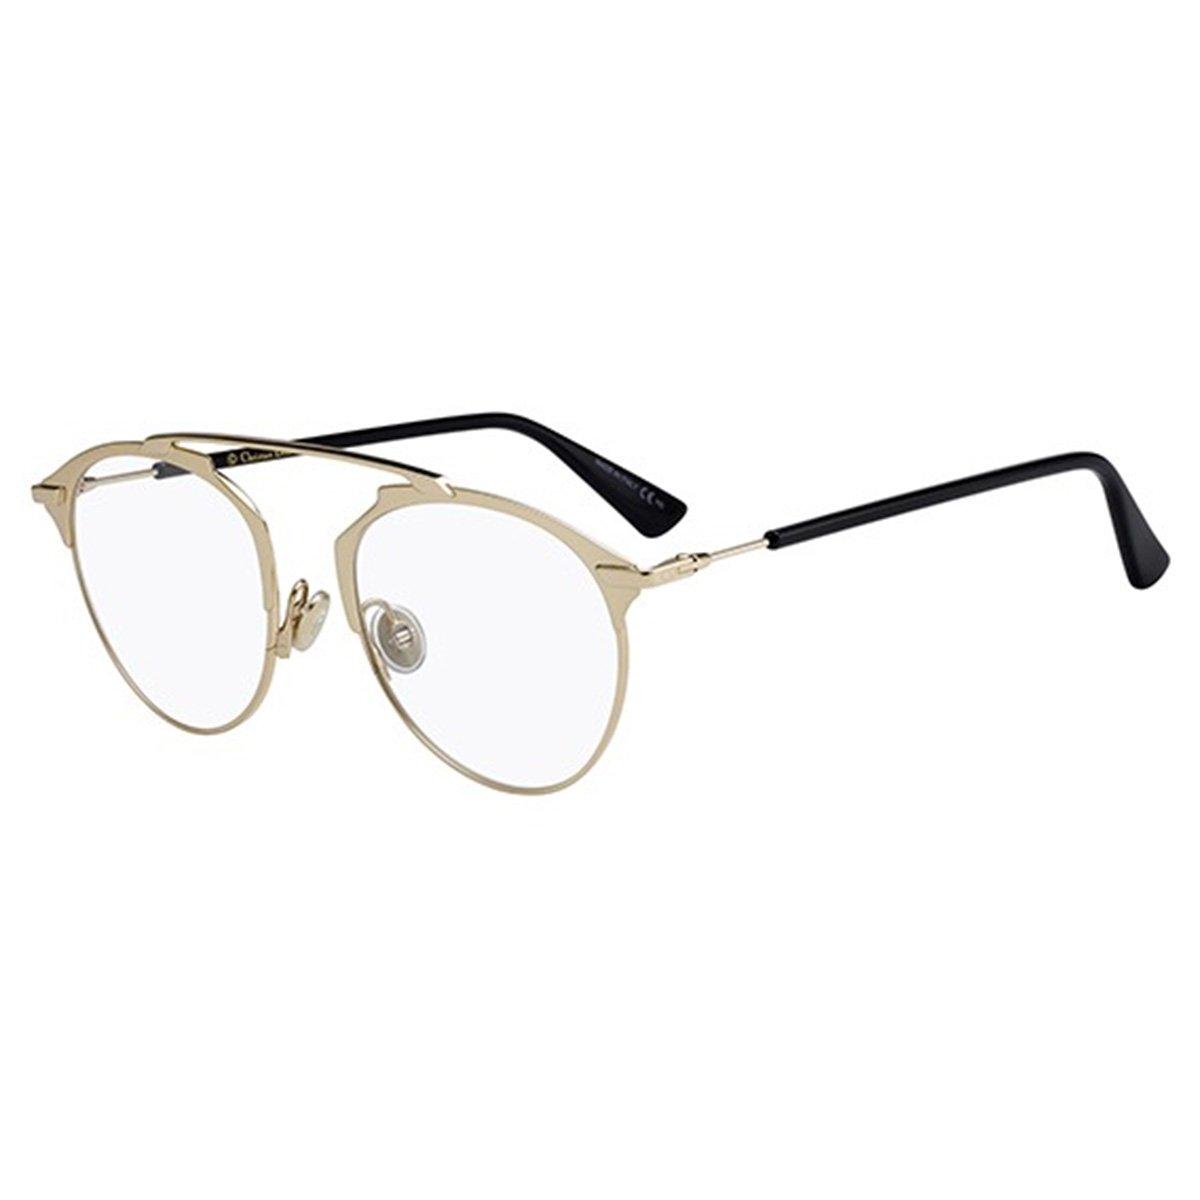 35be03b65ce Compre Óculos de Grau Dior Soreal em 10X